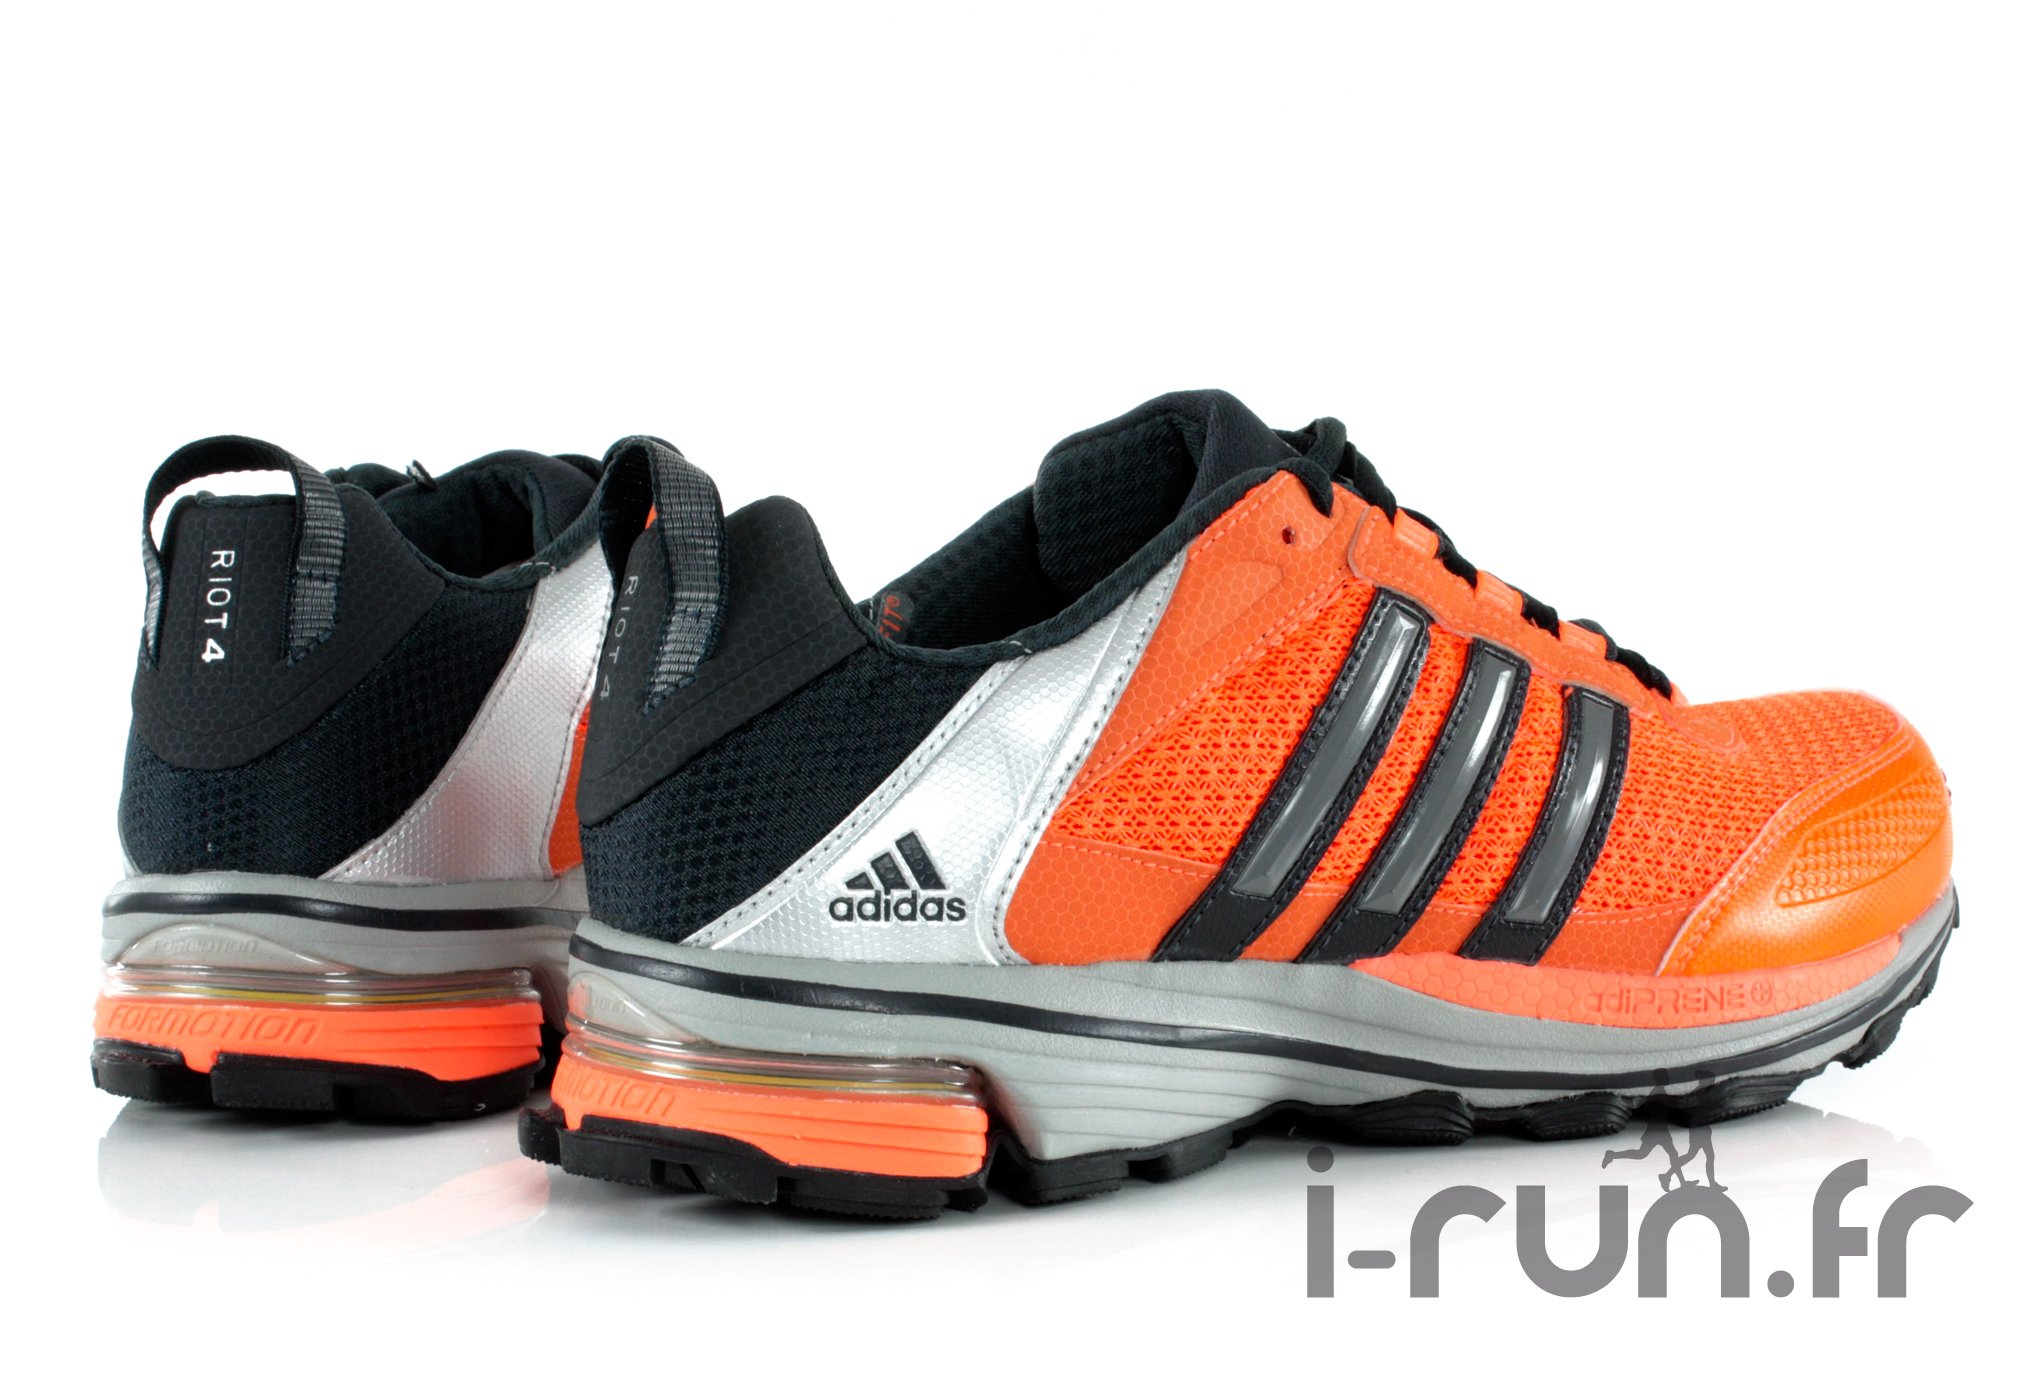 le poids des chaussures adidas